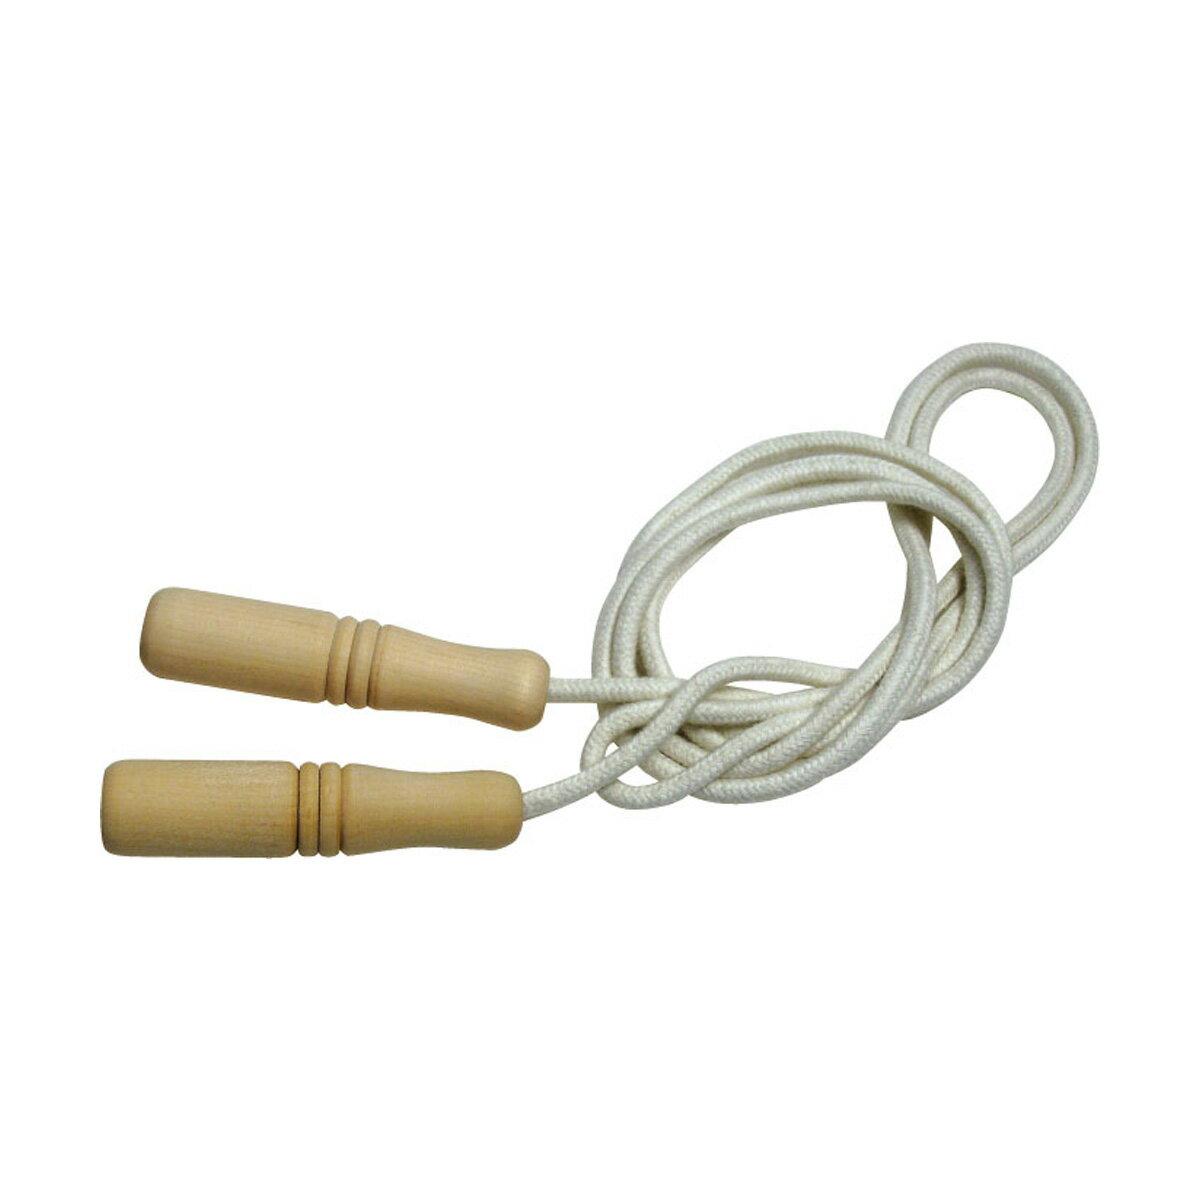 縄跳び 子供用 ロープ 綿 220cm 幼児 木柄 木製グリップ 長さ調節可能 なわとび とびなわ 縄飛び 運動会 体育祭 トレーニング ダイエット